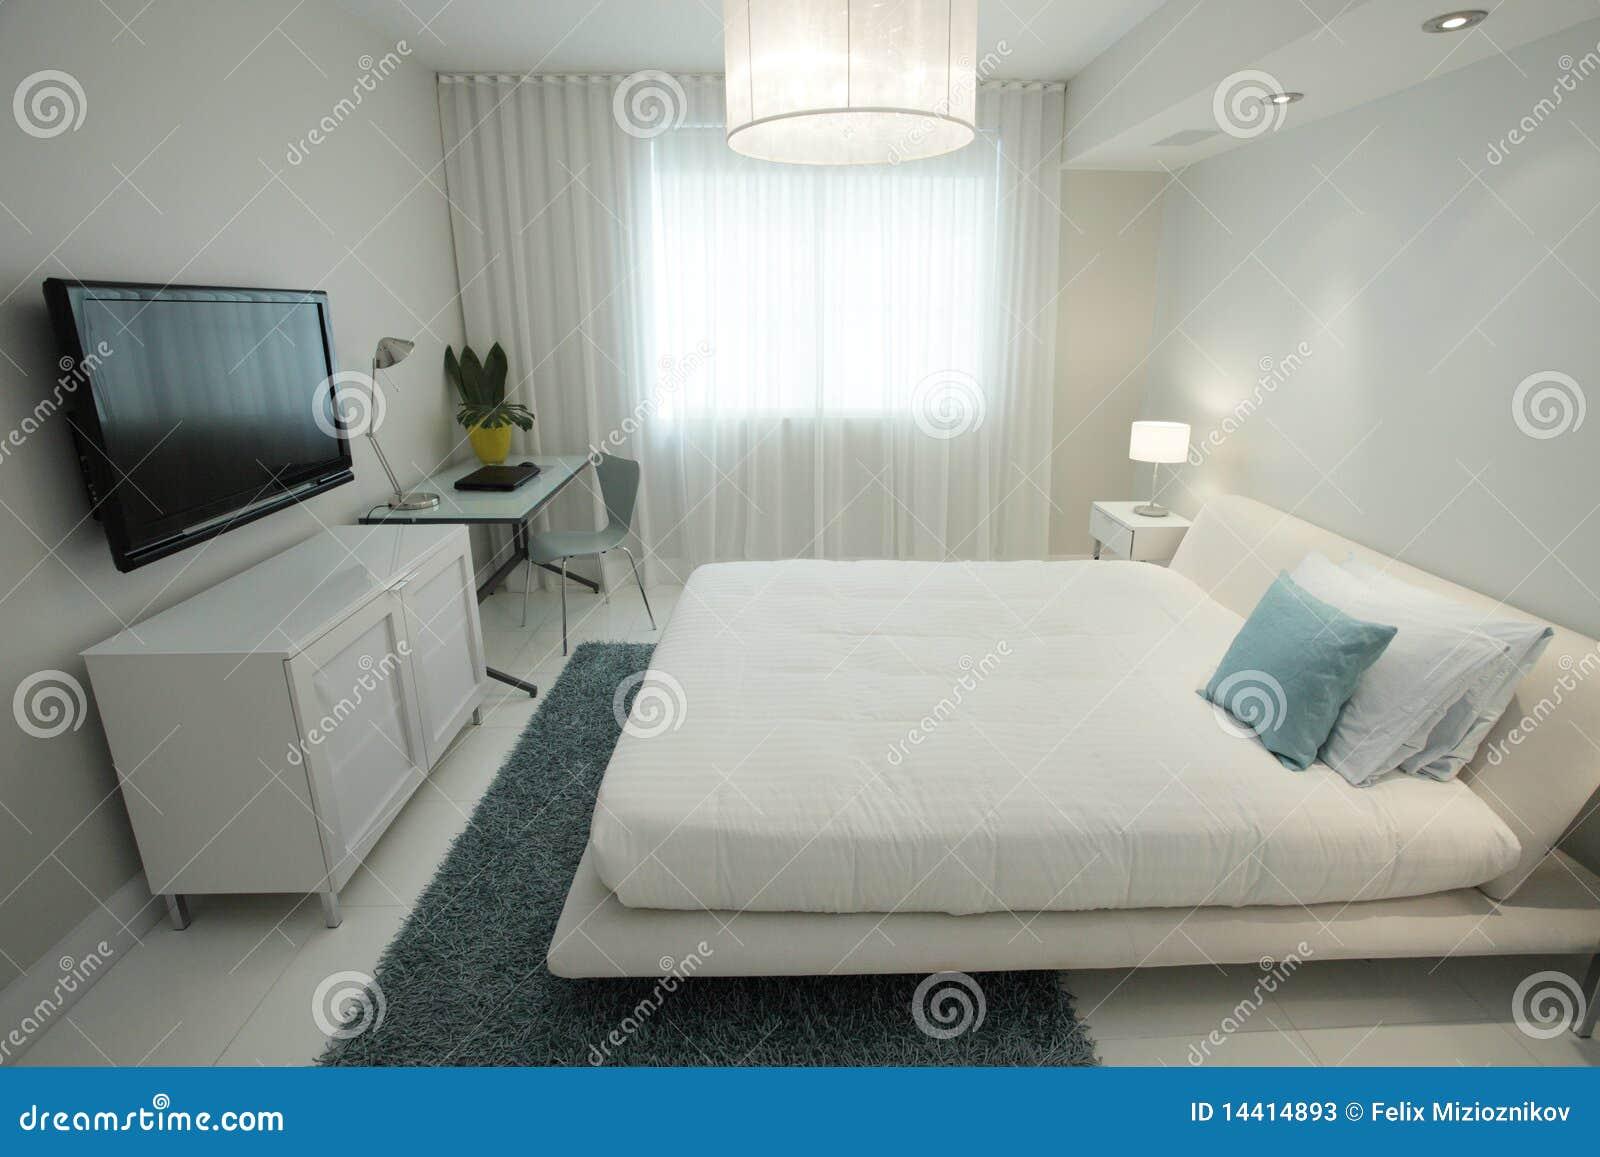 Chambre Coucher Avec Une T L Vision De Hd Image Stock Image Du  # Meuble Tv Chambre A Coucher